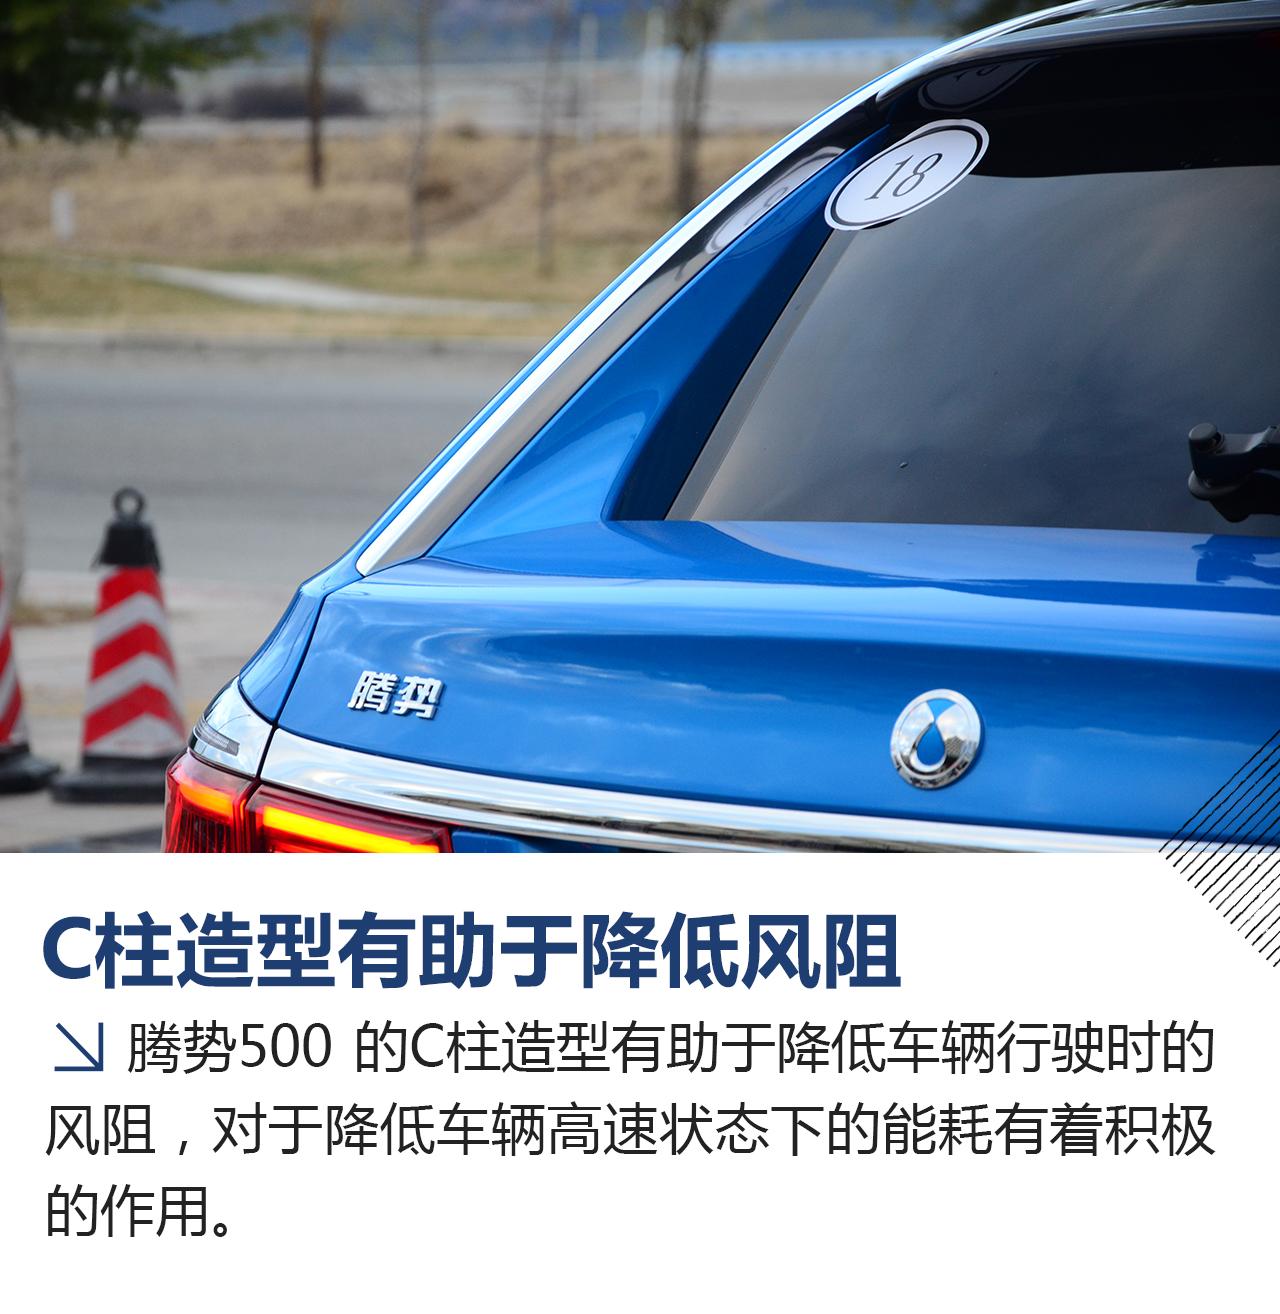 不惧高原挑战 西藏试驾腾势500